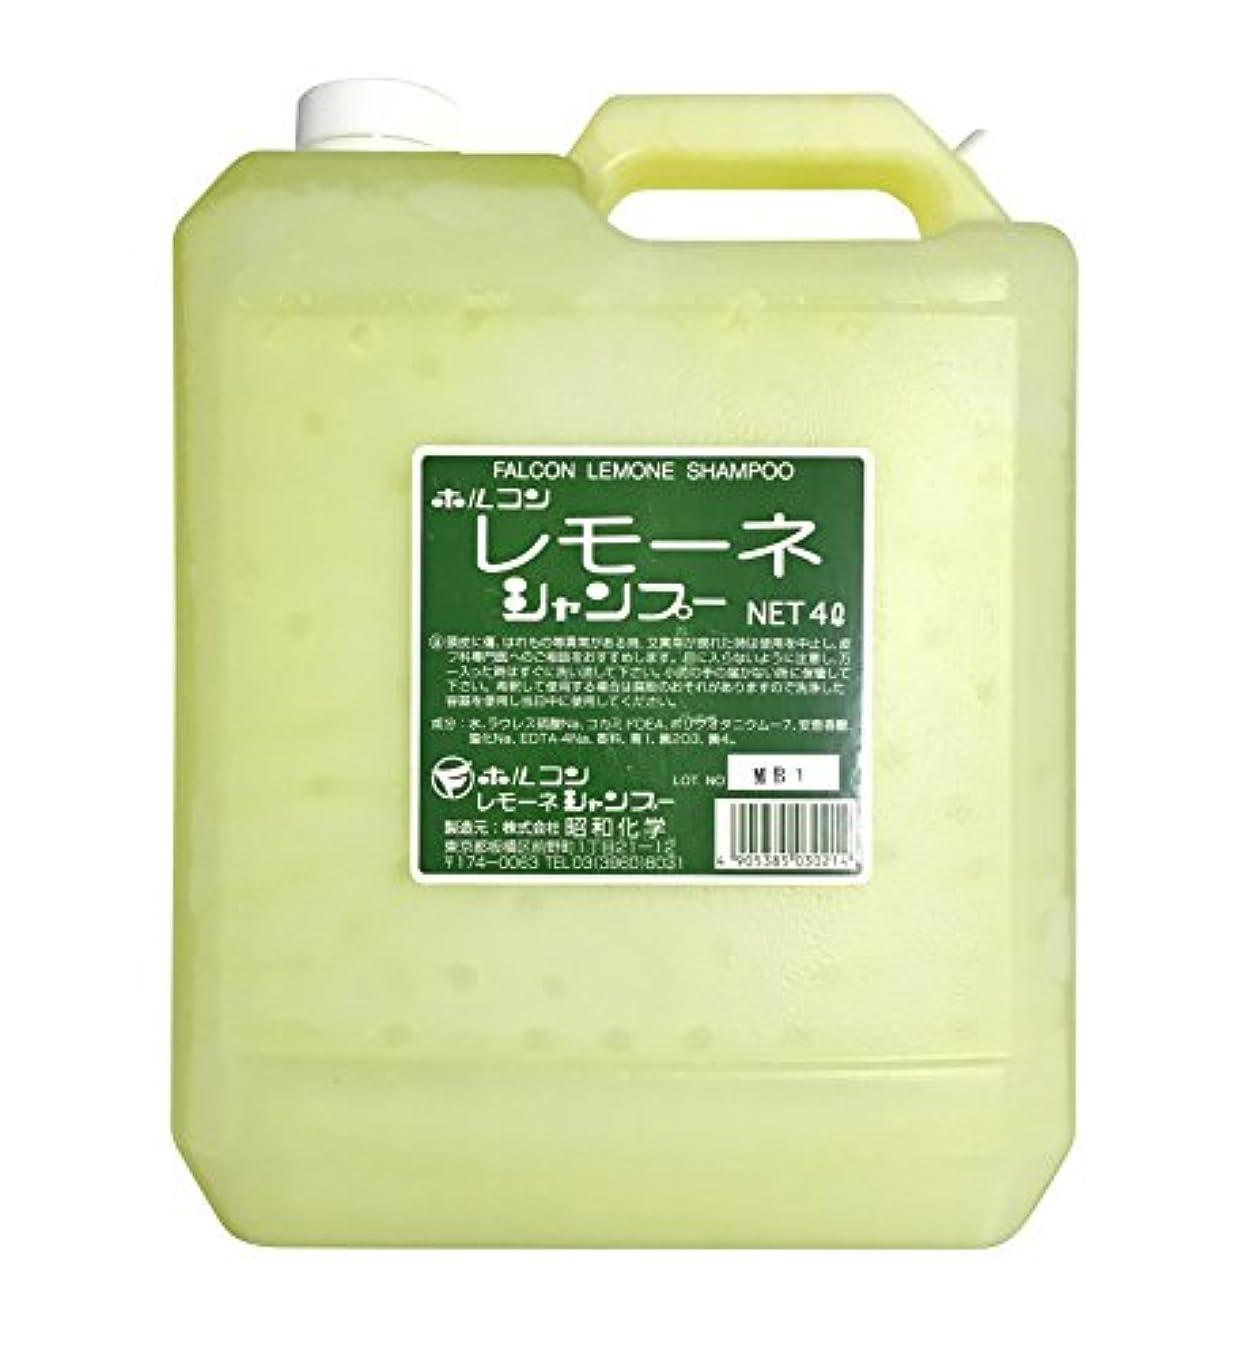 アソシエイト滑りやすい帳面昭和化学 ホルコン レモーネシャンプー 4000ml